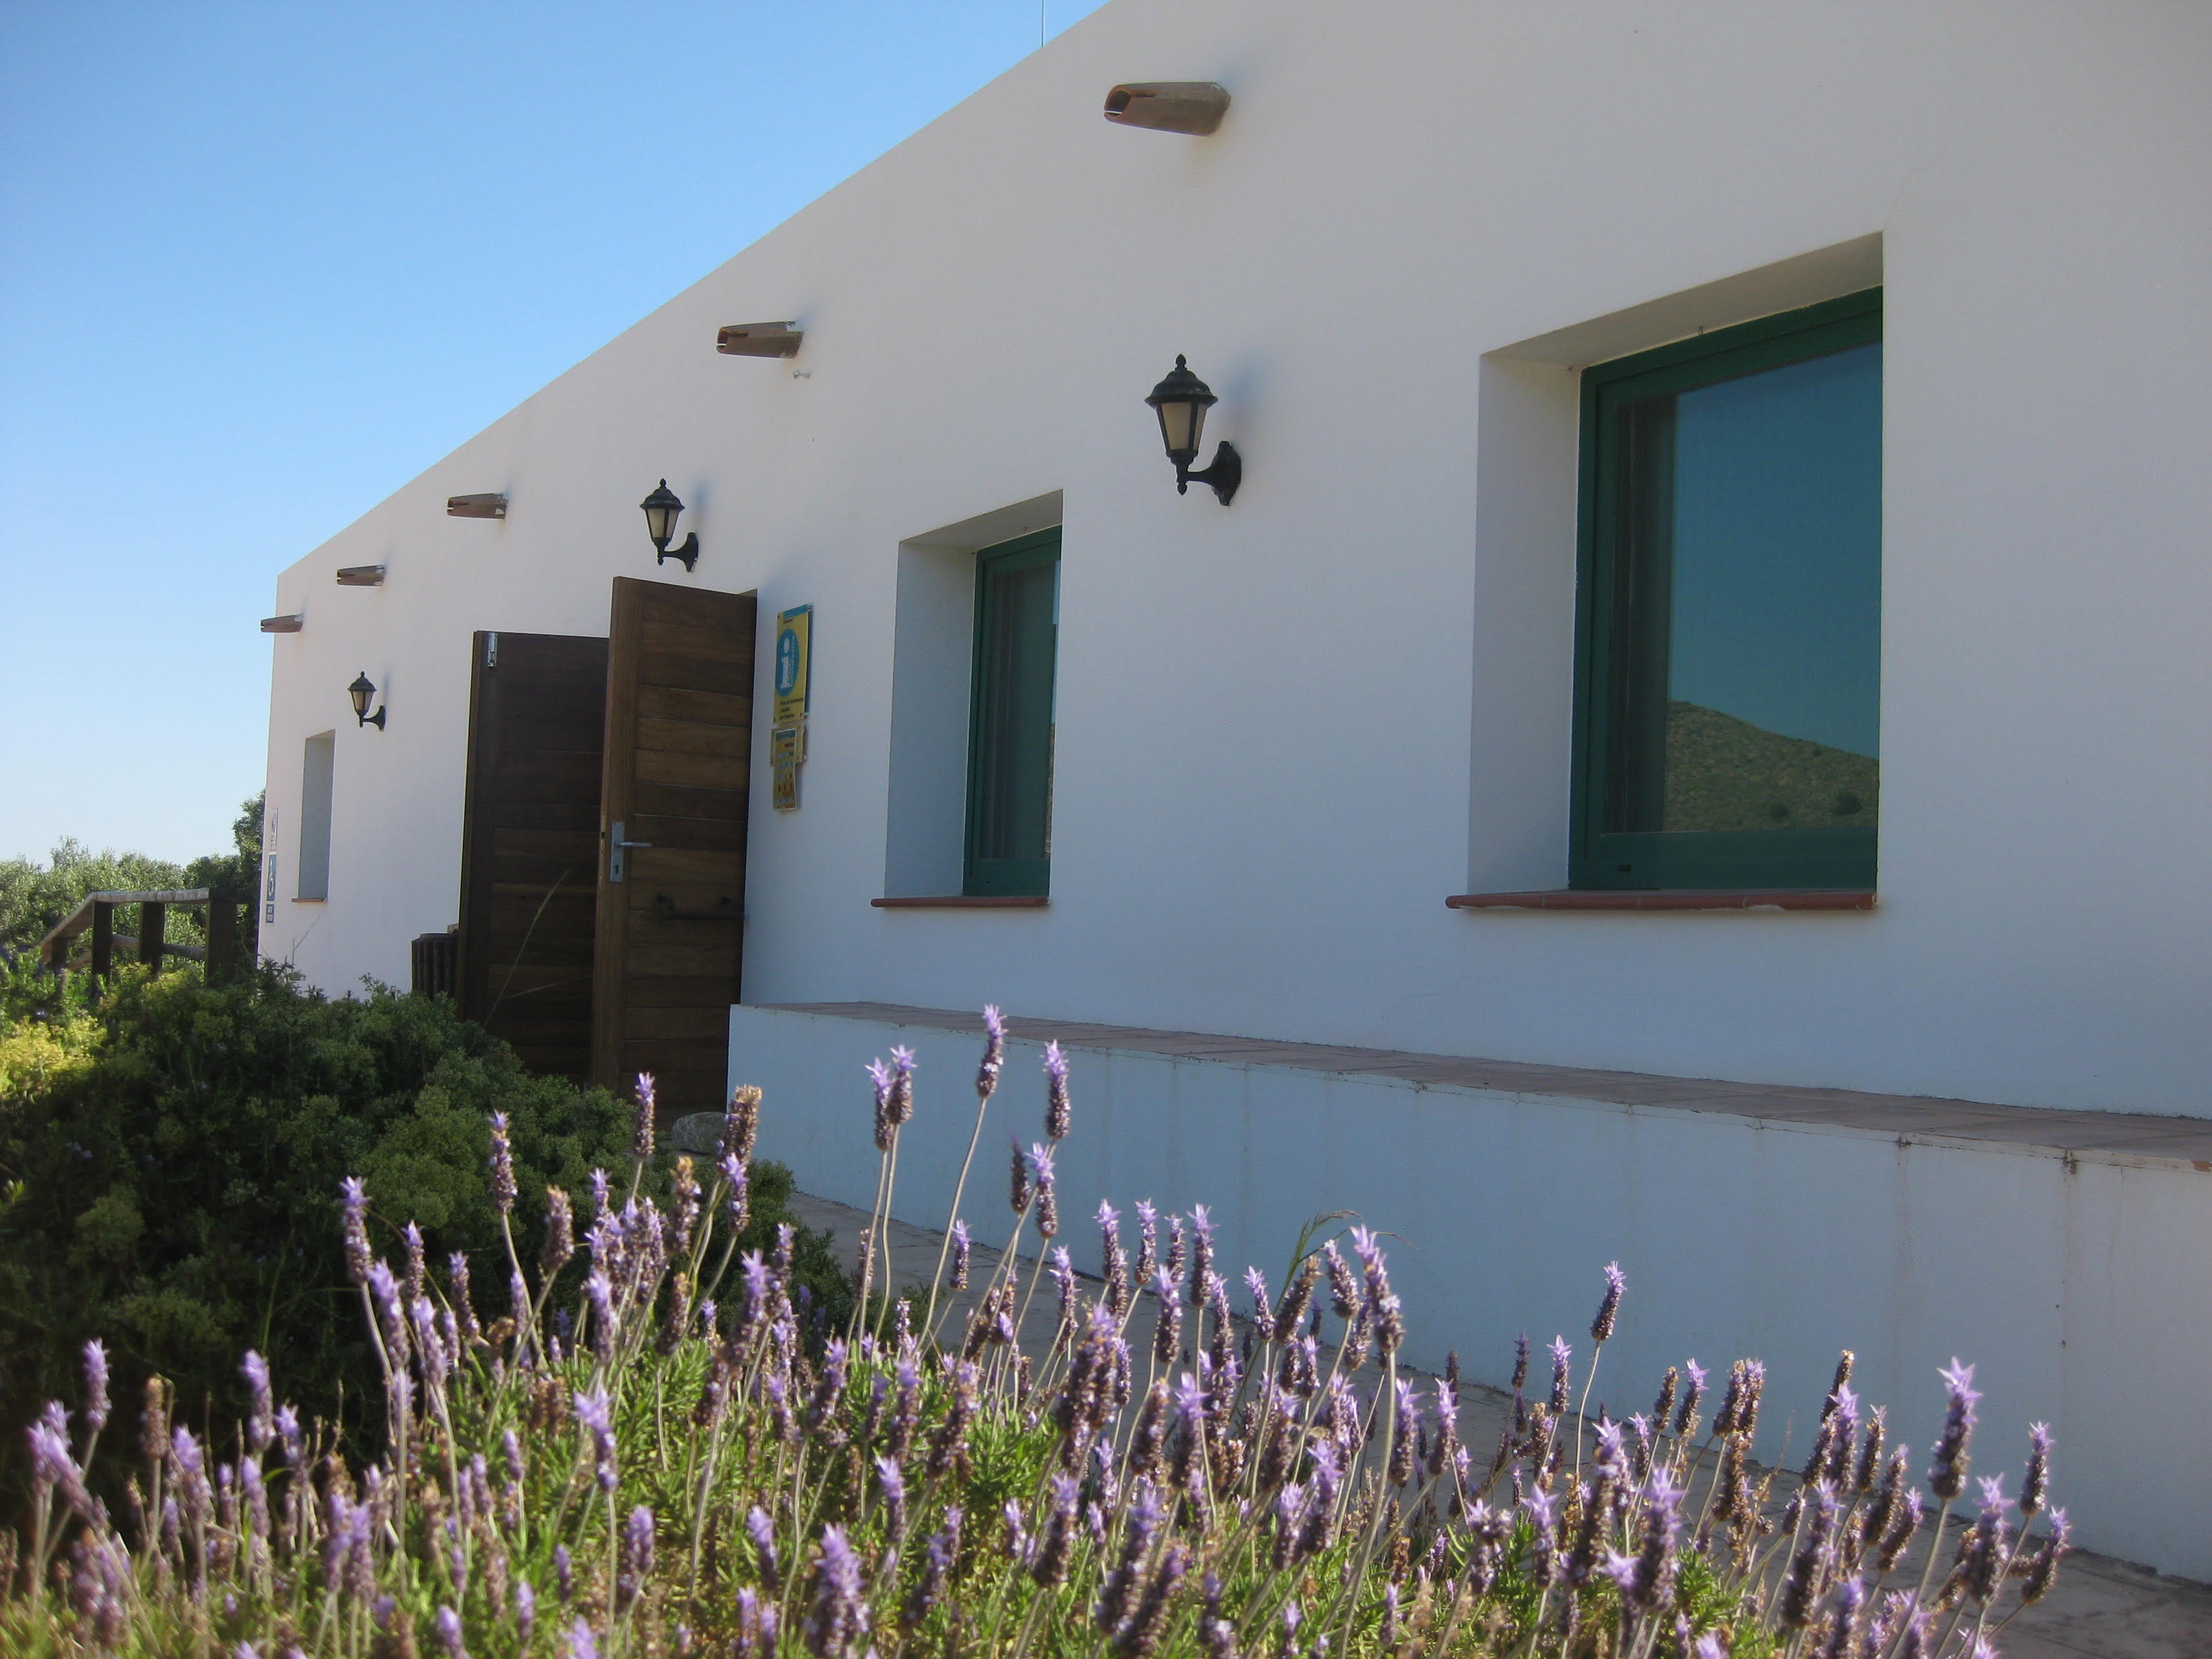 Centro de Visitantes Las Cobaticas, del PR de Calblanque, Monte de las Cenizas y Peña del Águila. Imagen: CARM